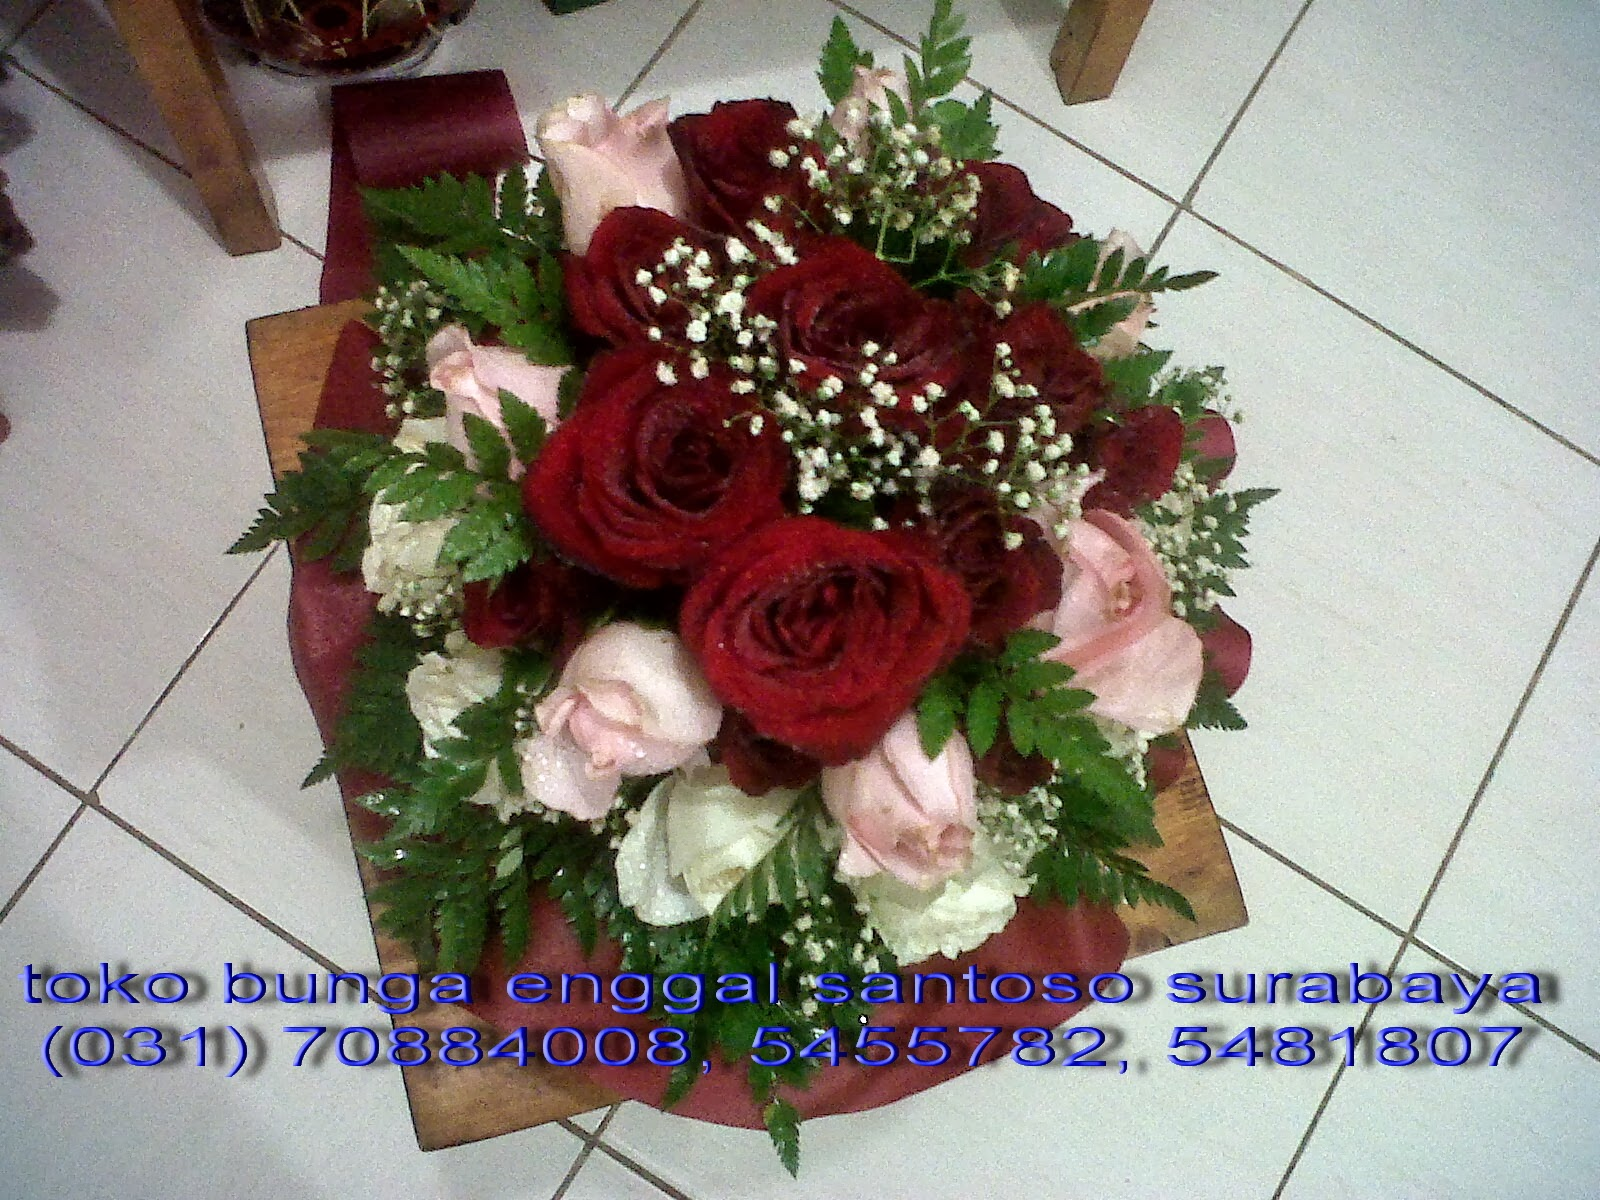 hand bouquet mawar putih dan mawar merah